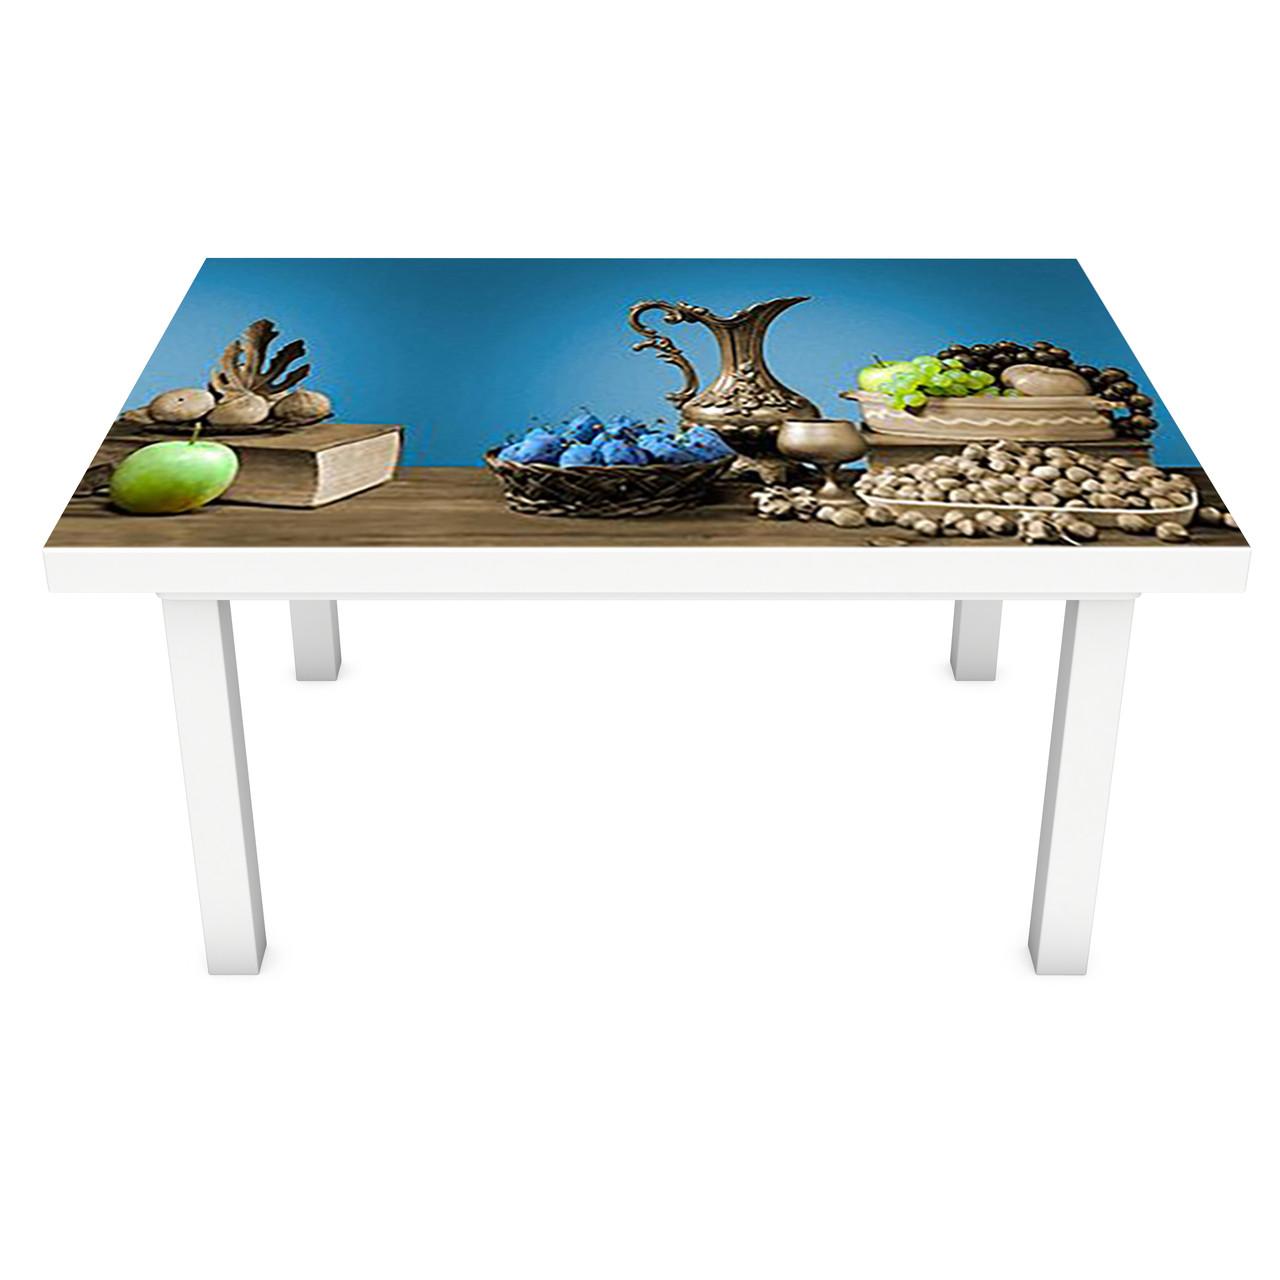 Наклейка на стол виниловая Стальные Кувшины ПВХ пленка для мебели интерьерная 3D натюрморт 600*1200 мм